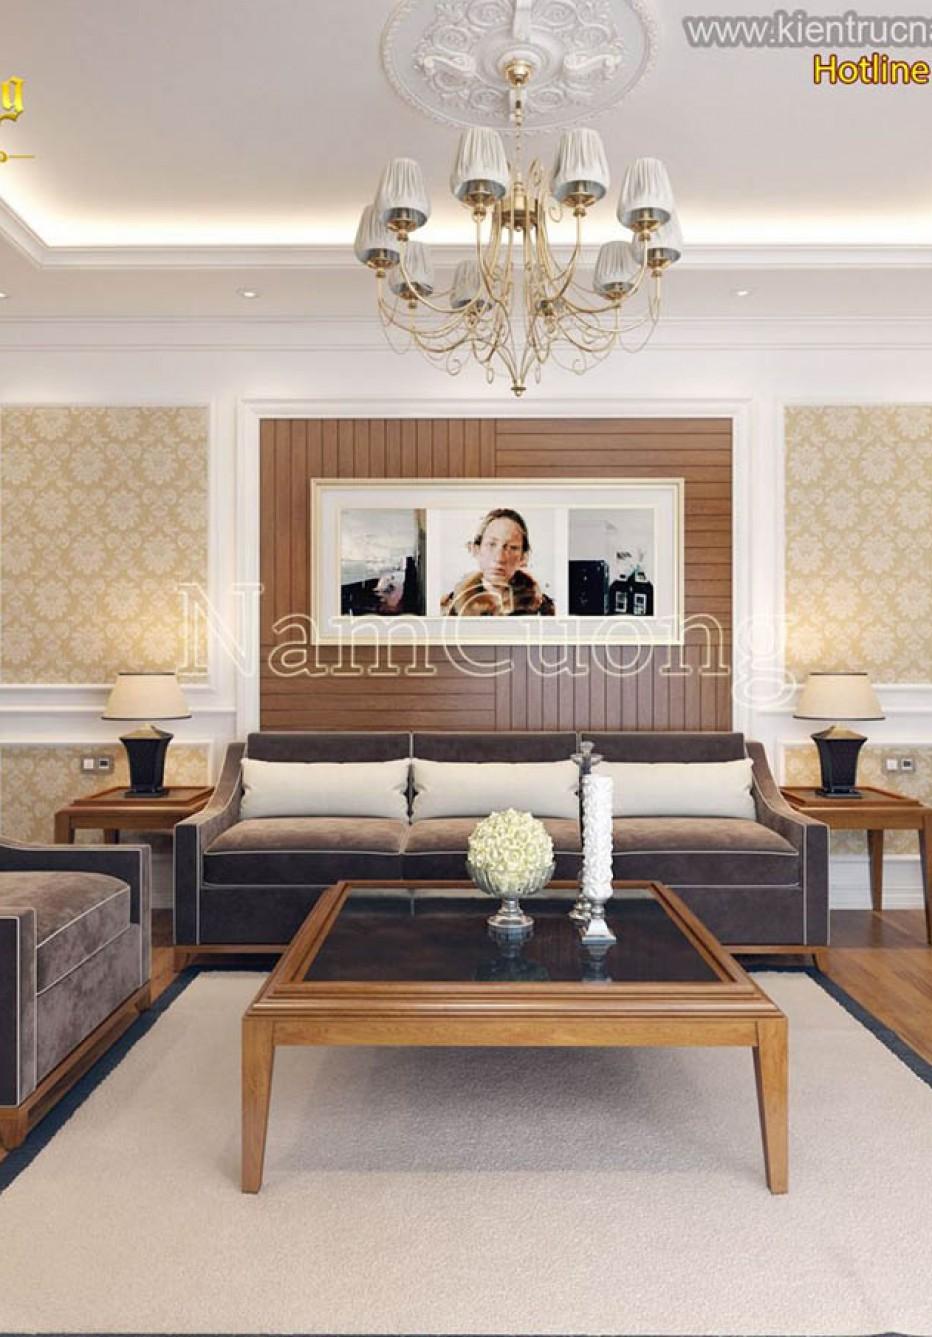 Tổng hợp những mẫu thiết kế nội thất chung cư tân cổ điển đẹp